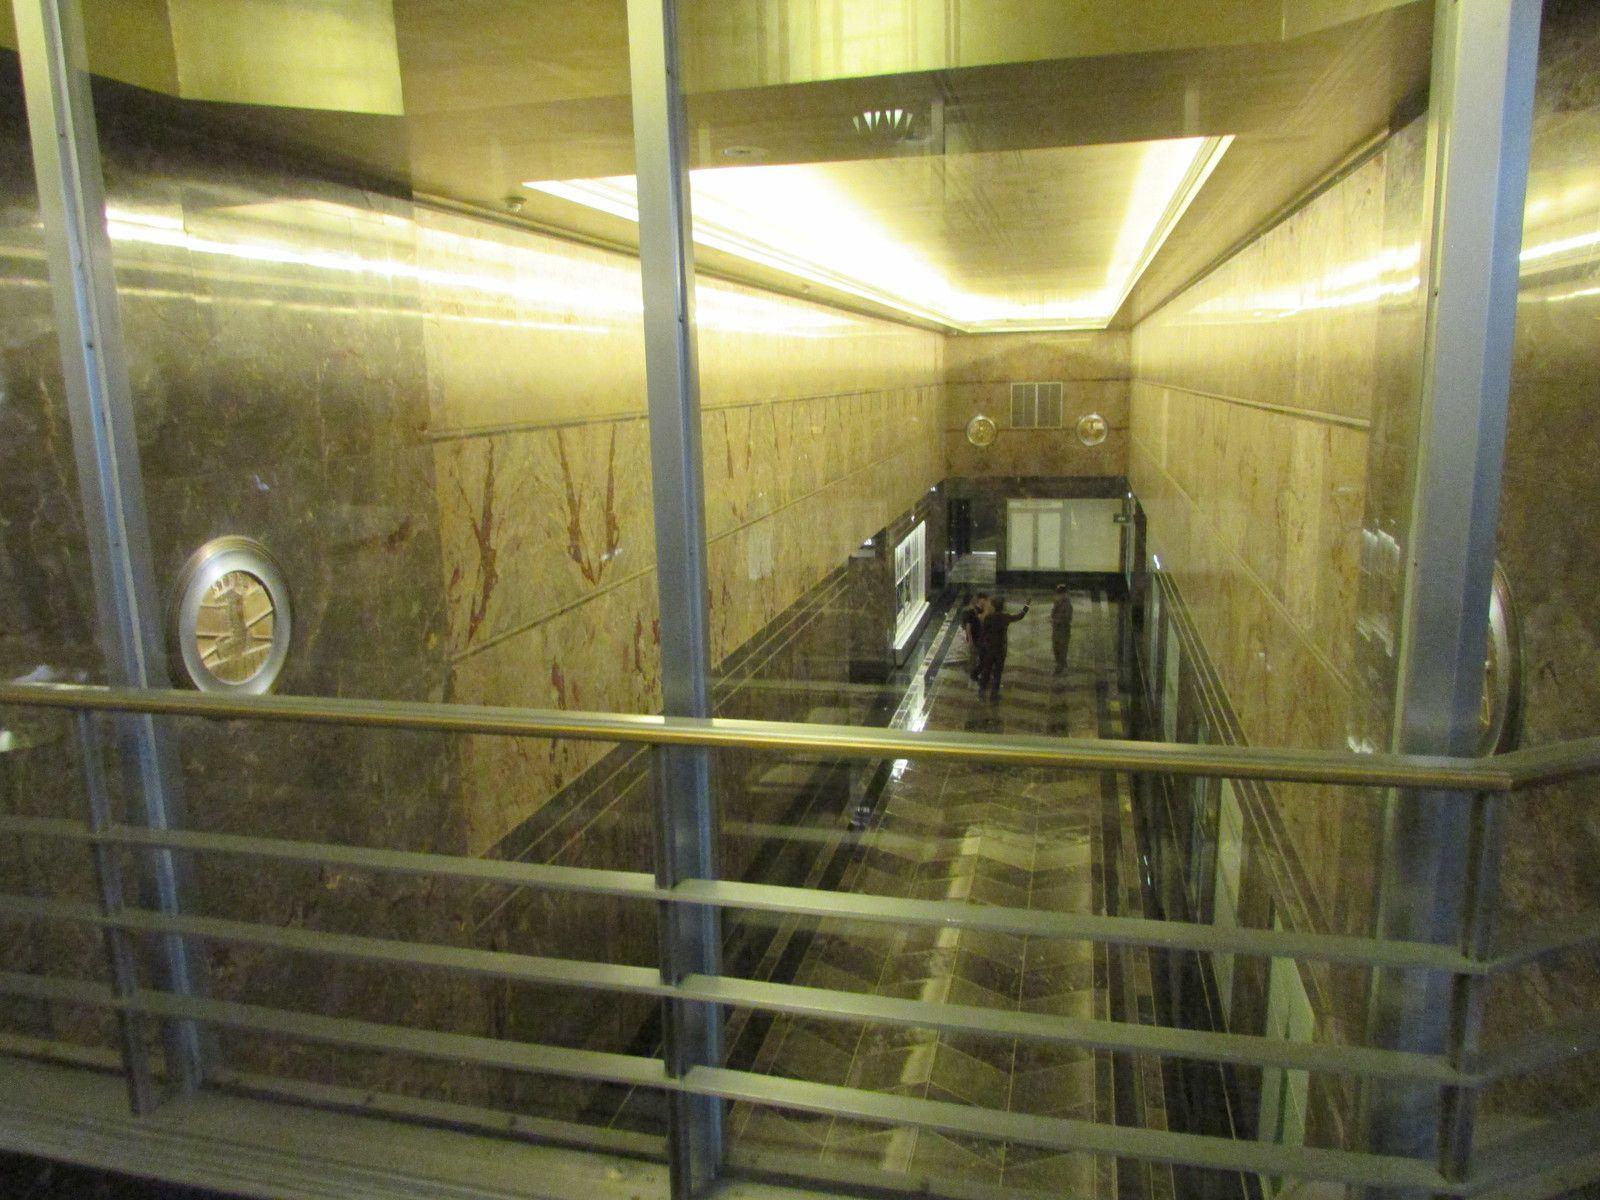 Visite de l'Empire State Building ( la montée vers le sommet).